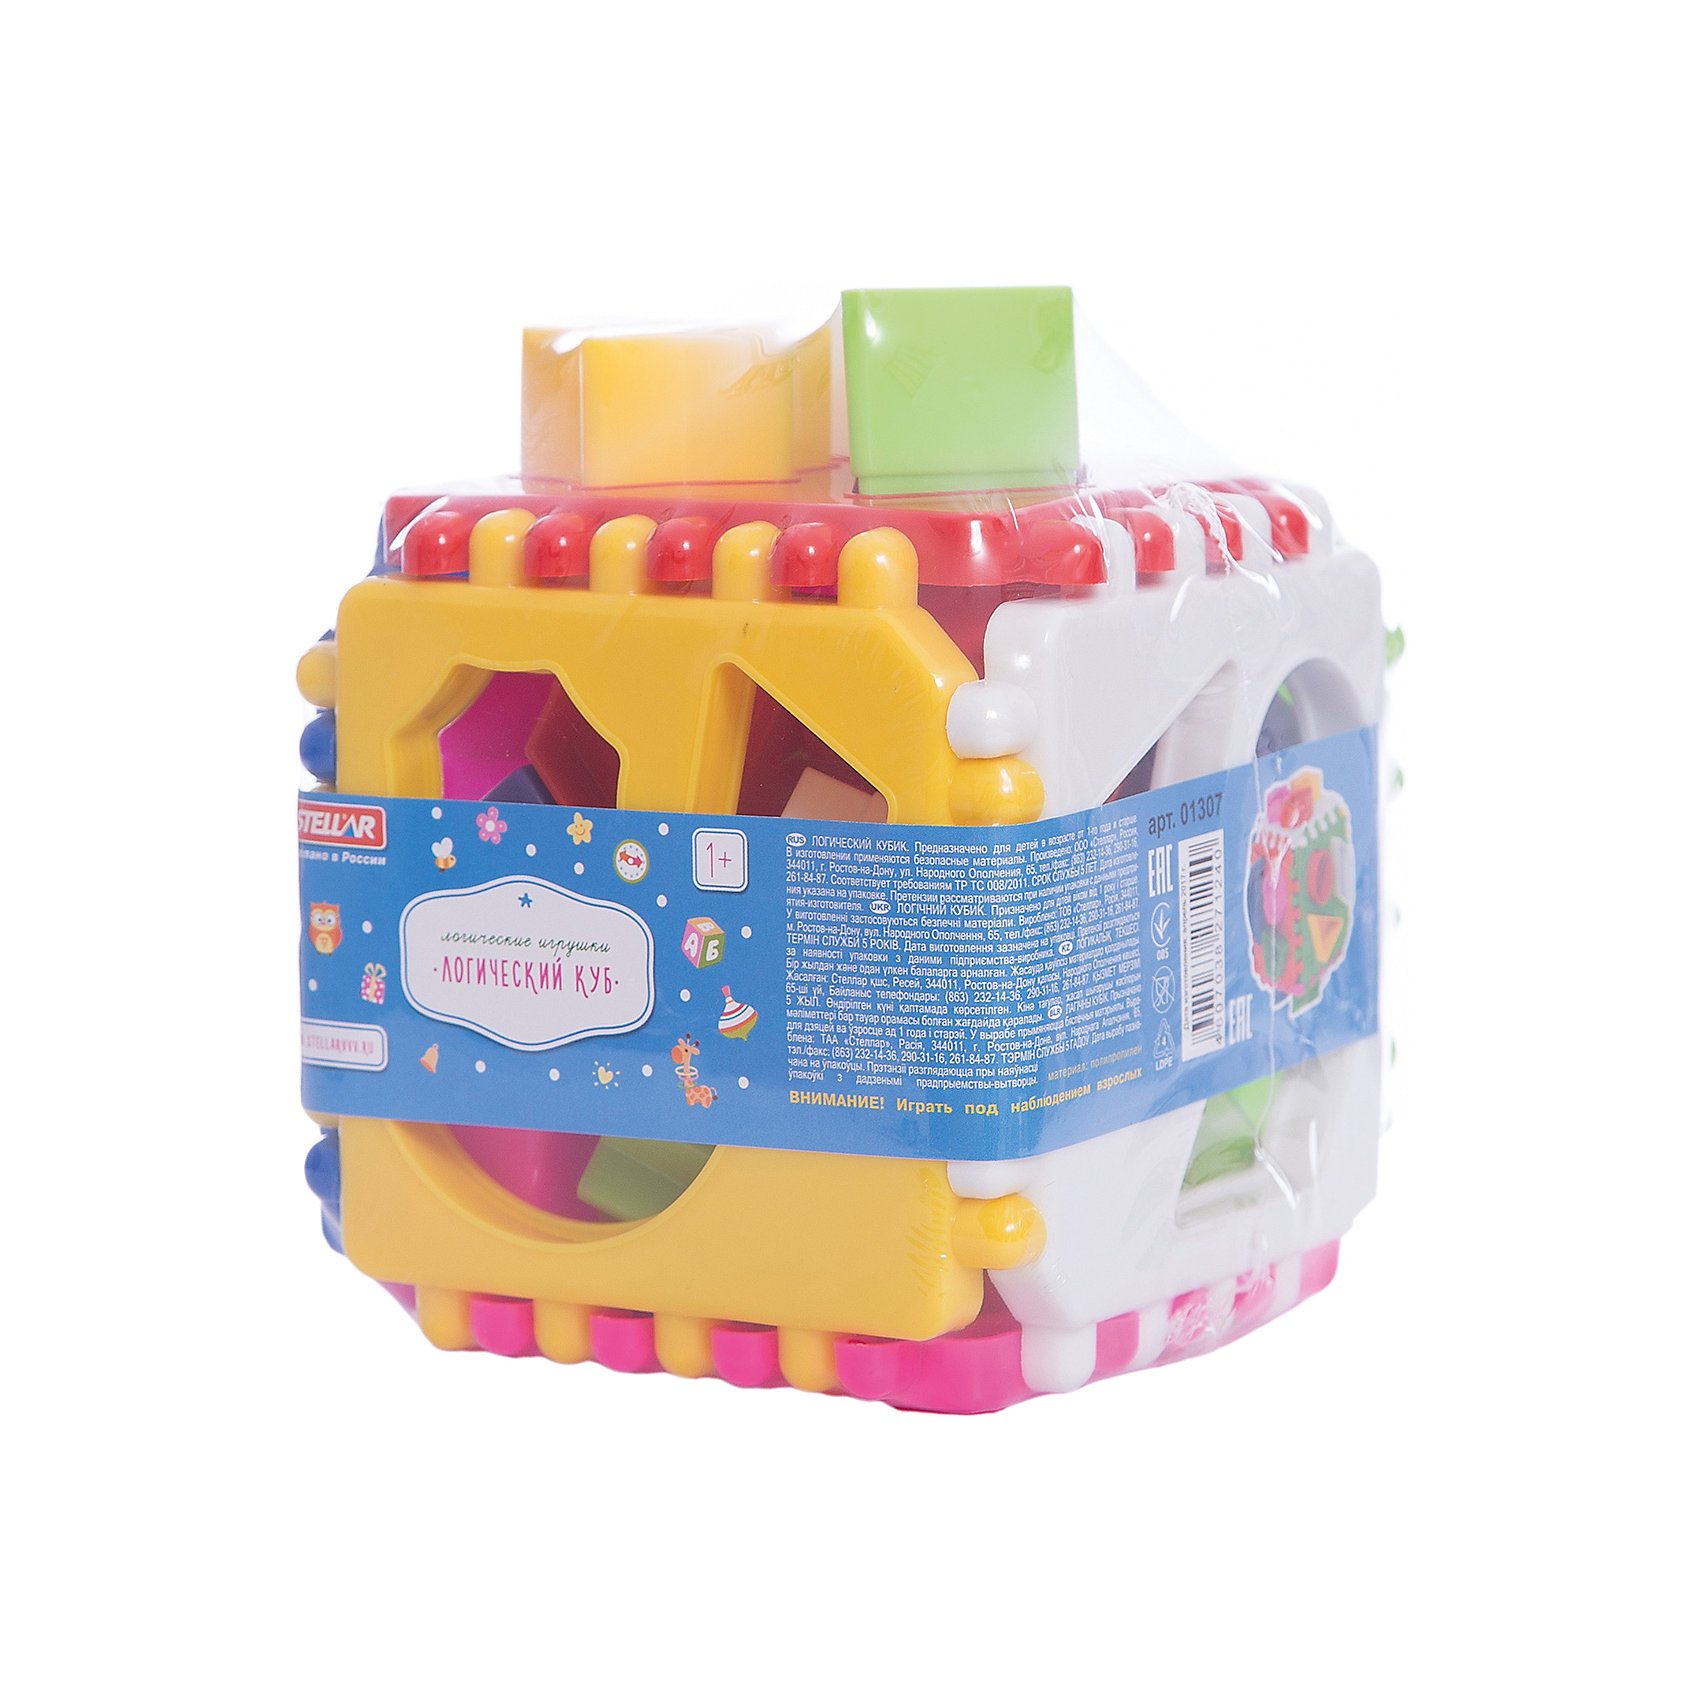 Логический куб, StellarРазвивающие игрушки<br>Характеристики товара:<br><br>- цвет: разноцветный;<br>- материал: пластик;<br>- возраст: от 1 года;<br>- размер: 9,5х9,5х9,5 см;<br>- размер одной пластины: 9,5х9,5 см.<br><br>Этот яркий куб будет помогать всестороннему развитию малыша и занимать его. Этот набор предназначен для формирования разных навыков, он помогает развить тактильное восприятие, мелкую моторику, воображение, цветовосприятие, внимание и логику. Также куб дополнен сортером - с его помощью малыш научится соотносить формы.<br>Изделие выполнено в ярких цветах, привлекающих внимание малыша. С такой игрушкой детям очень нравится проводить время! Изделие произведено из качественных материалов, безопасных для ребенка.<br><br>Логический куб от бренда Stellar можно купить в нашем интернет-магазине.<br><br>Ширина мм: 120<br>Глубина мм: 120<br>Высота мм: 120<br>Вес г: 270<br>Возраст от месяцев: 12<br>Возраст до месяцев: 2147483647<br>Пол: Унисекс<br>Возраст: Детский<br>SKU: 5079942